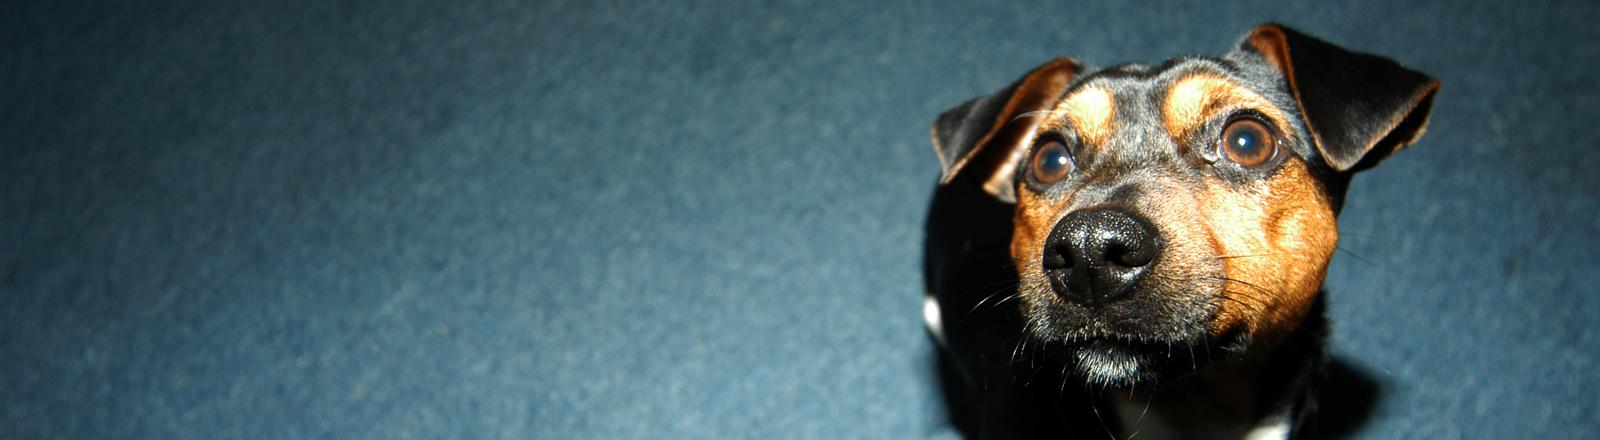 Hund sitzt auf einem blauen Teppichboden und schaut hoch